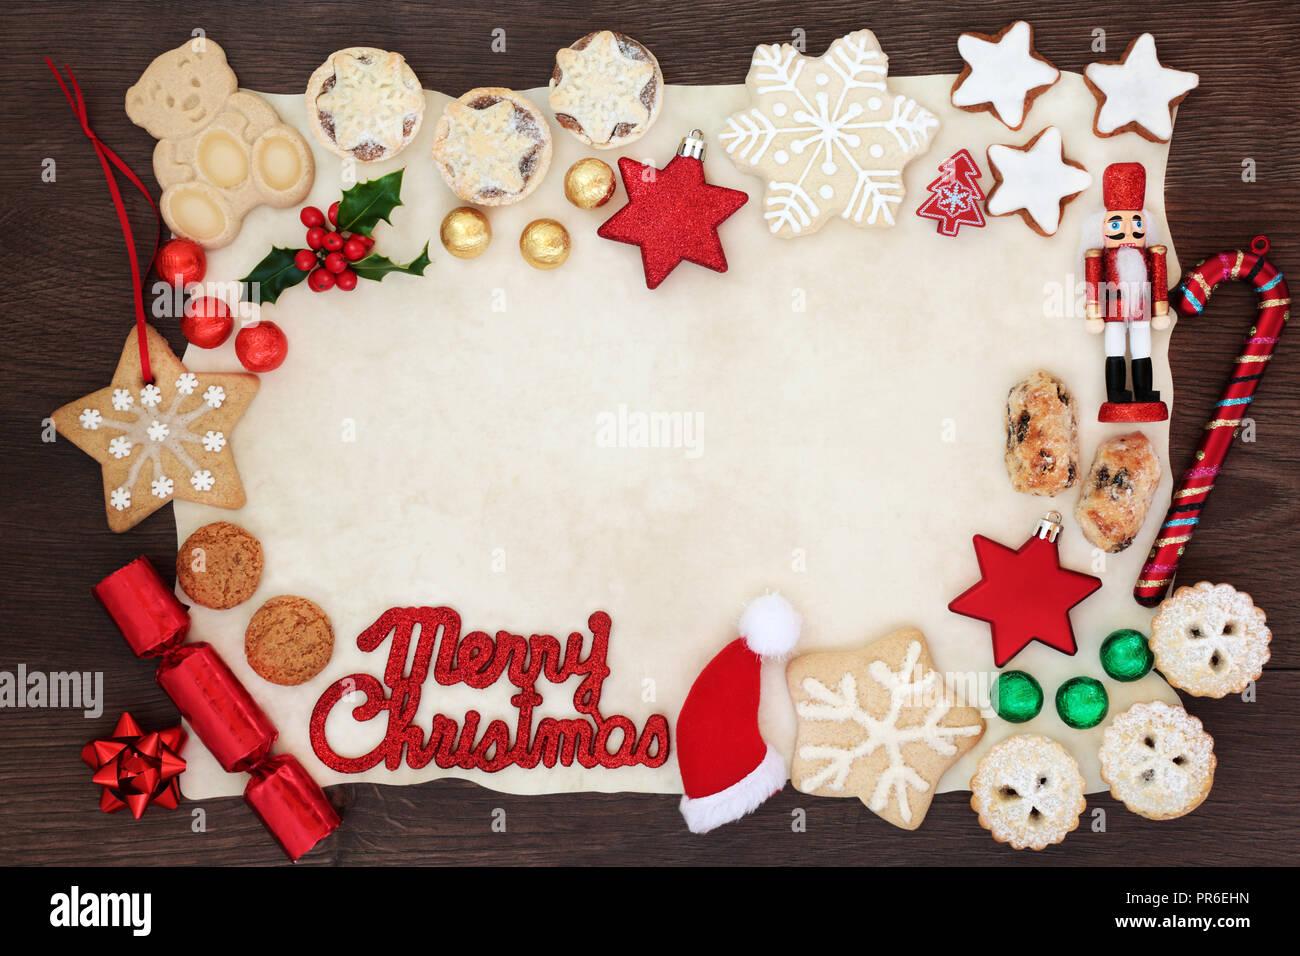 Joyeux Noël arrière-plan frontière avec l'inscription, des décorations de l'arbre, des biscuits, des gâteaux, de la flore et d'hiver en aluminium sur le papier sulfurisé sur bois rustique Photo Stock